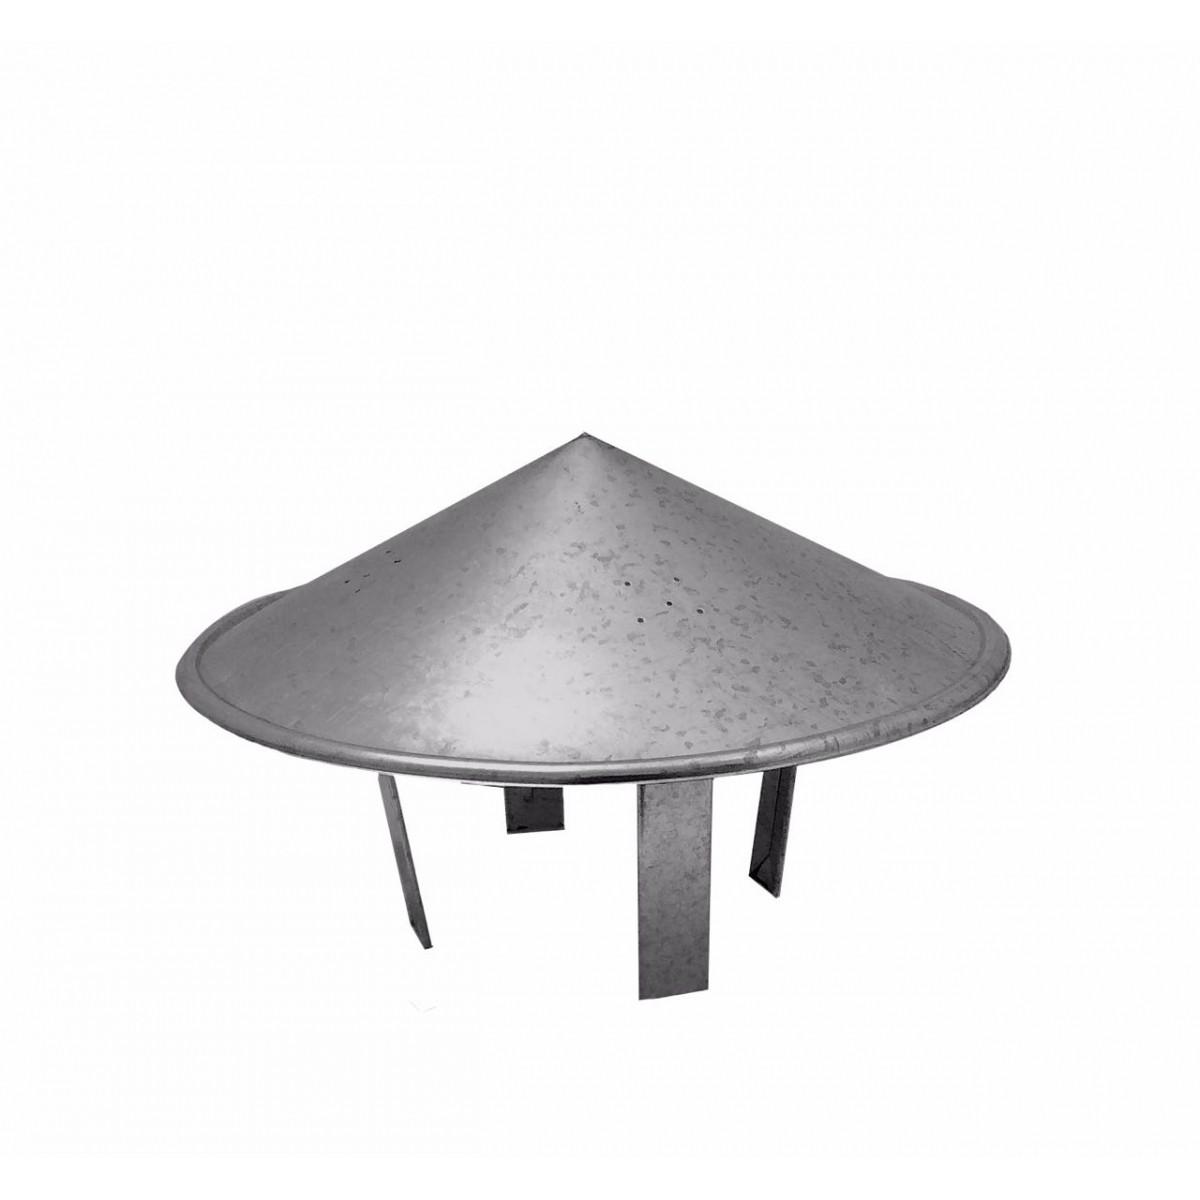 Chapéu chinês galvanizado para dutos de 230 mm de diâmetro para topo de chaminé  - Galvocalhas